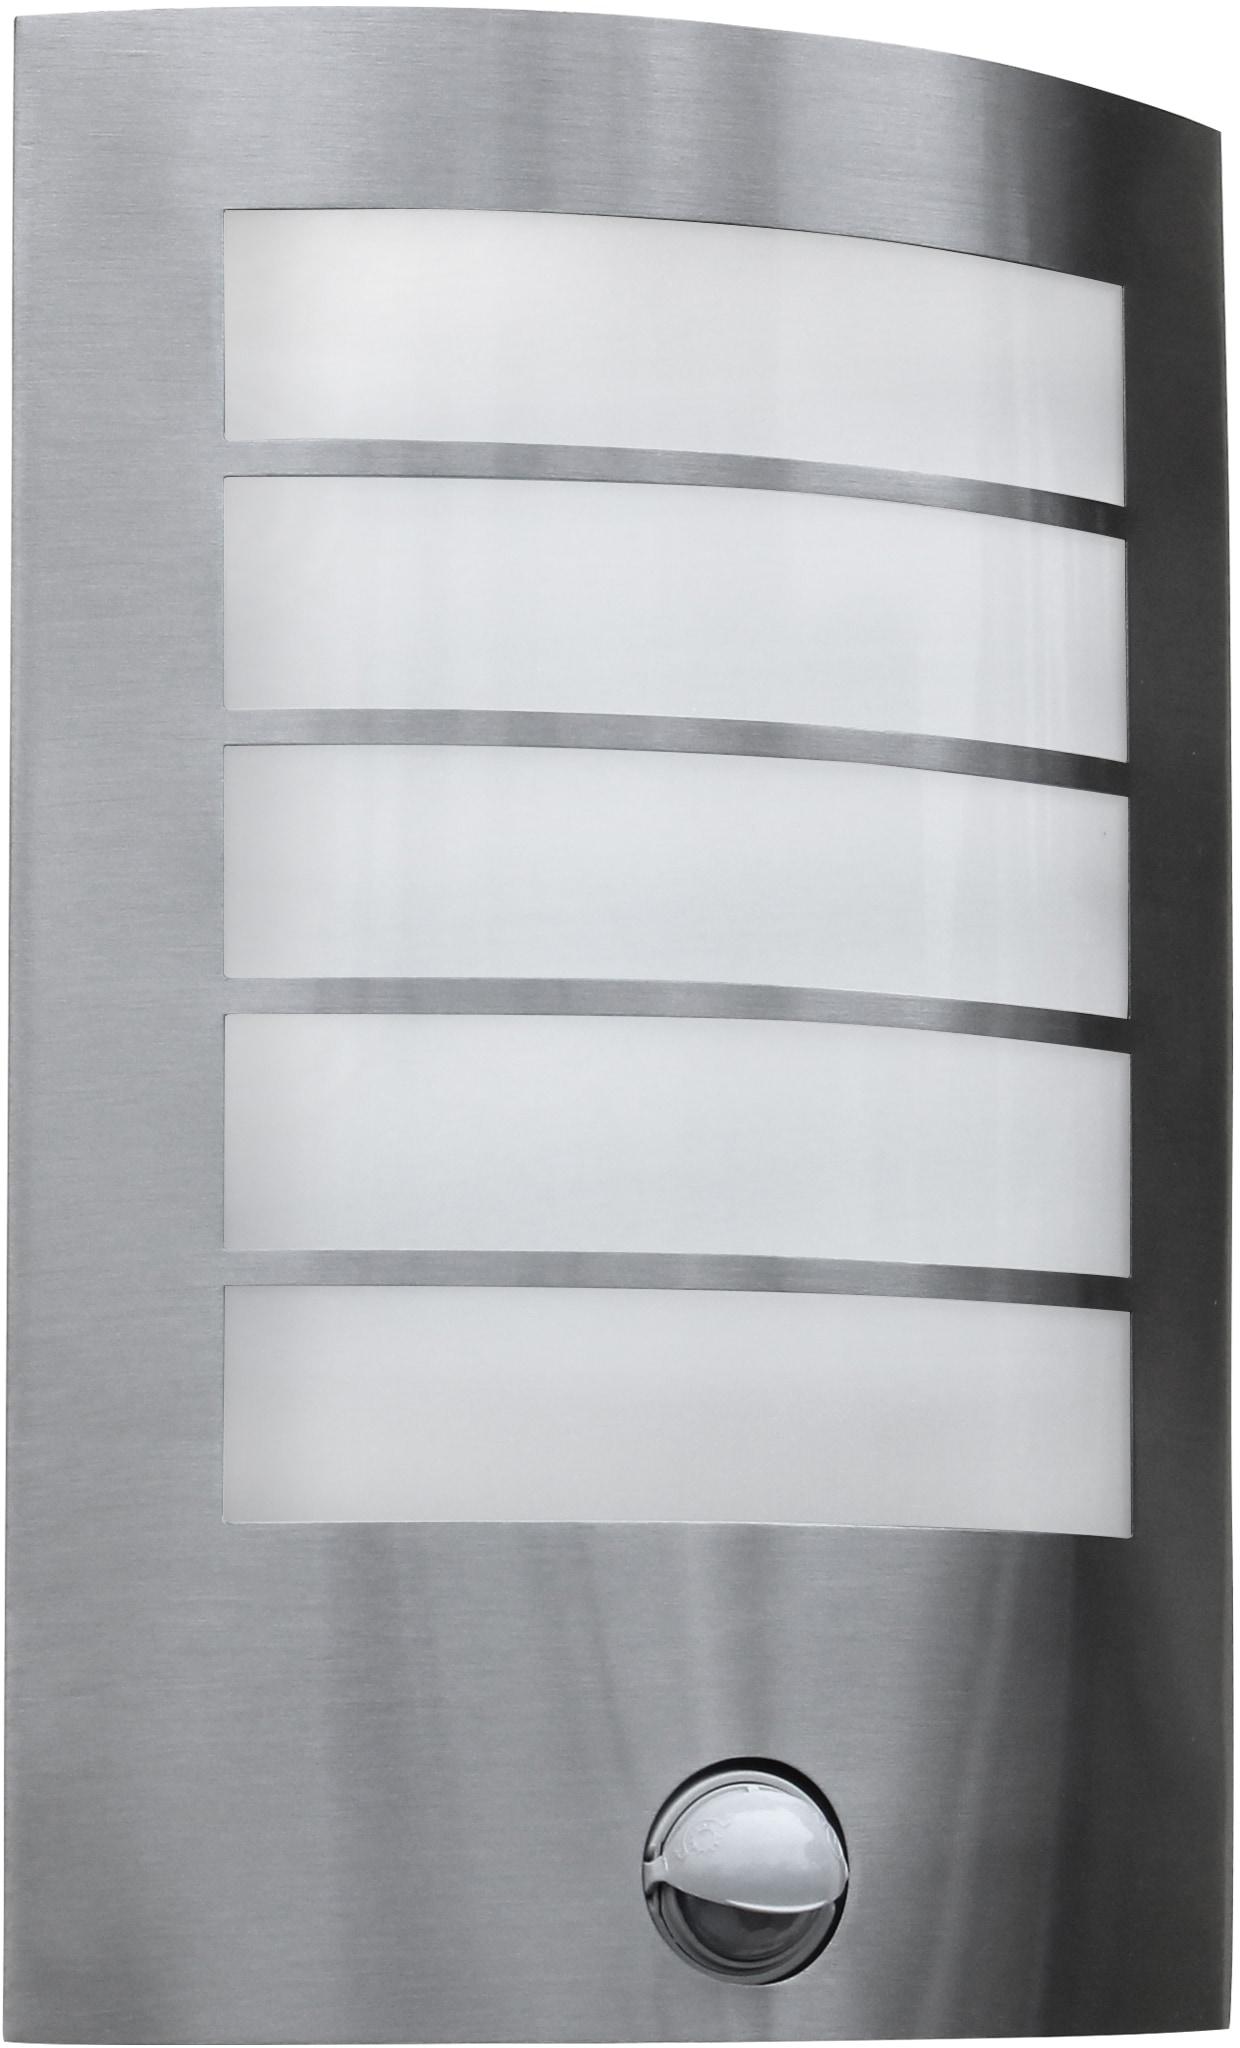 LUTEC LED Außen-Wandleuchte SLIM ST5001-PIR, LED-Modul, 1 St., Warmweiß, Bewegungsmelder